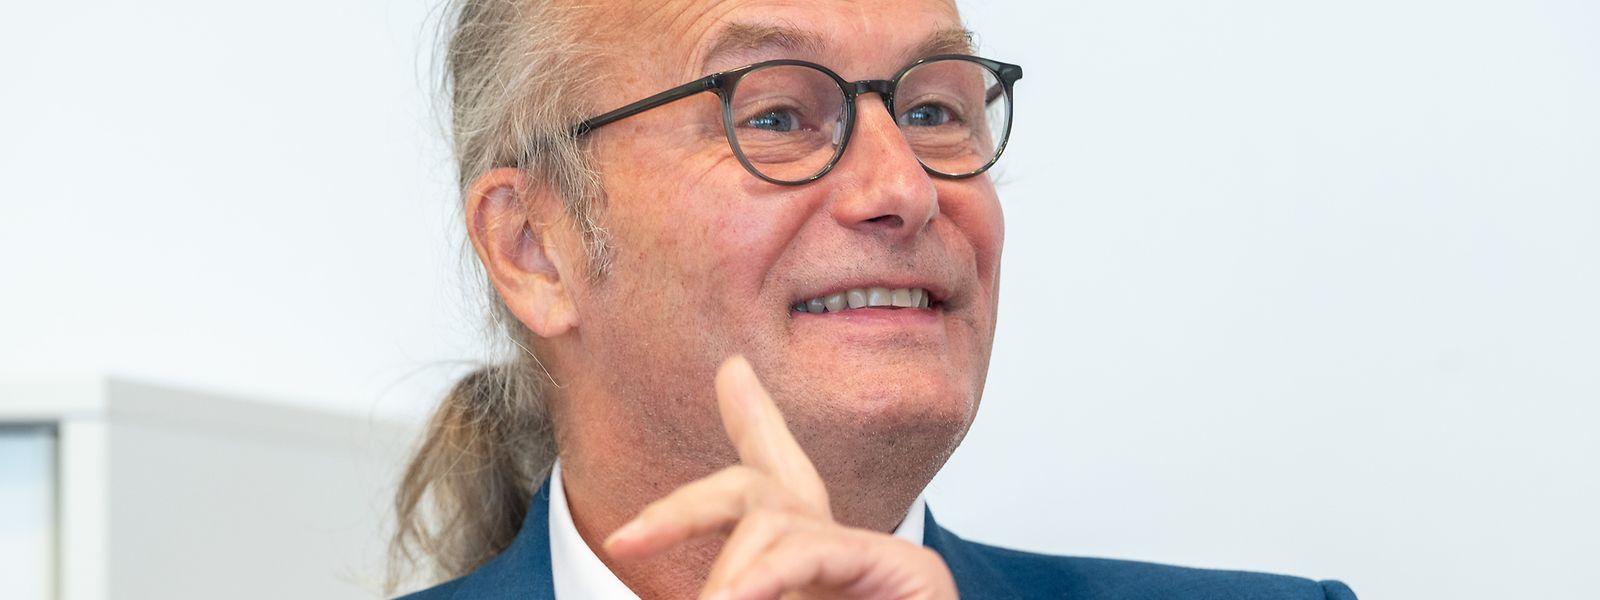 Le ministre de l'Environnement suit avec attention les projets de chauffage en géothermie qui pourraient voir le jour du côté d'Esch ou Dudelange.